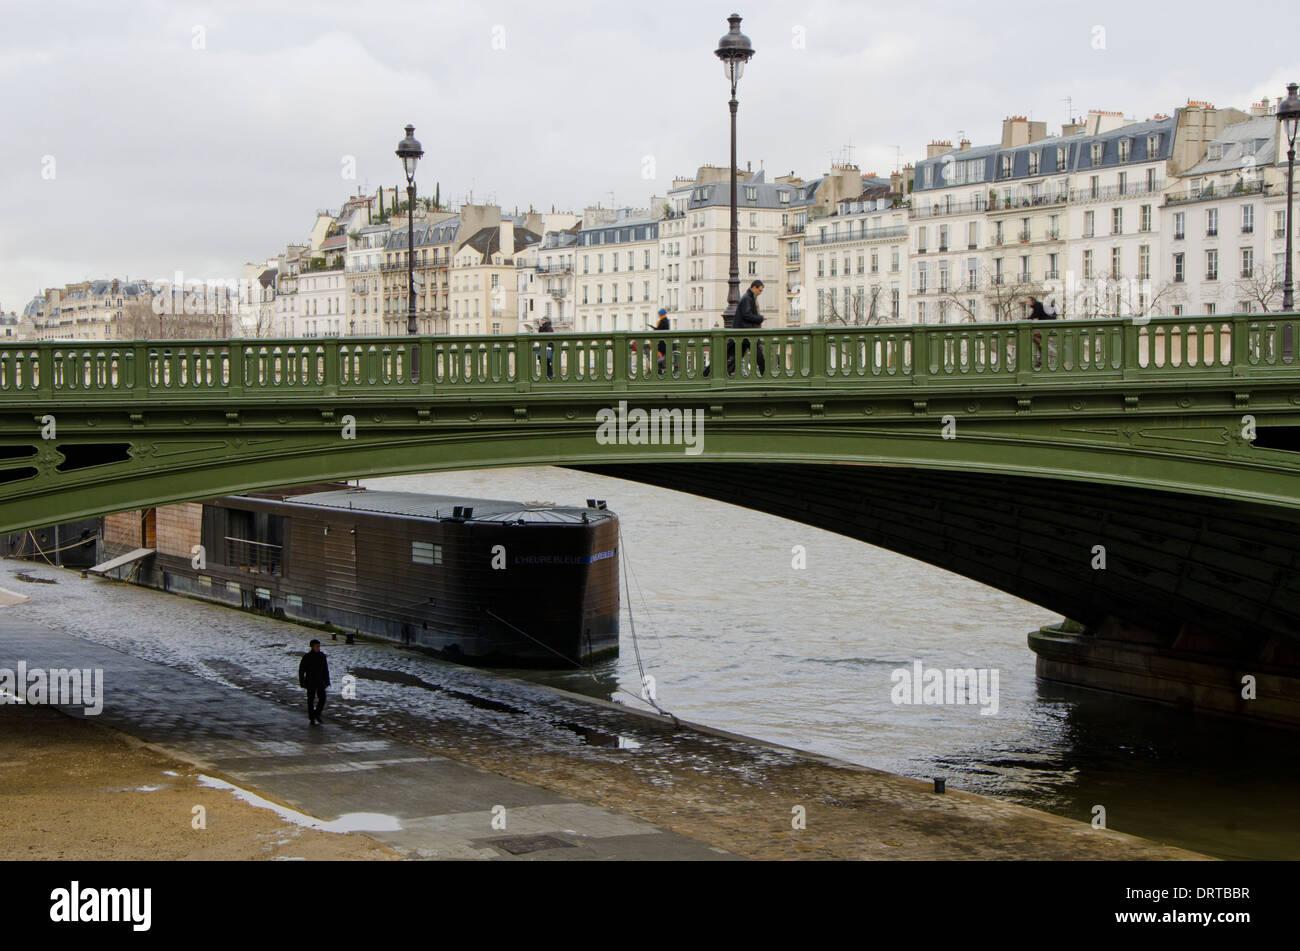 Pont Notre dame, arch bridge over the river Seine to ile de la Cite in Paris, France. - Stock Image